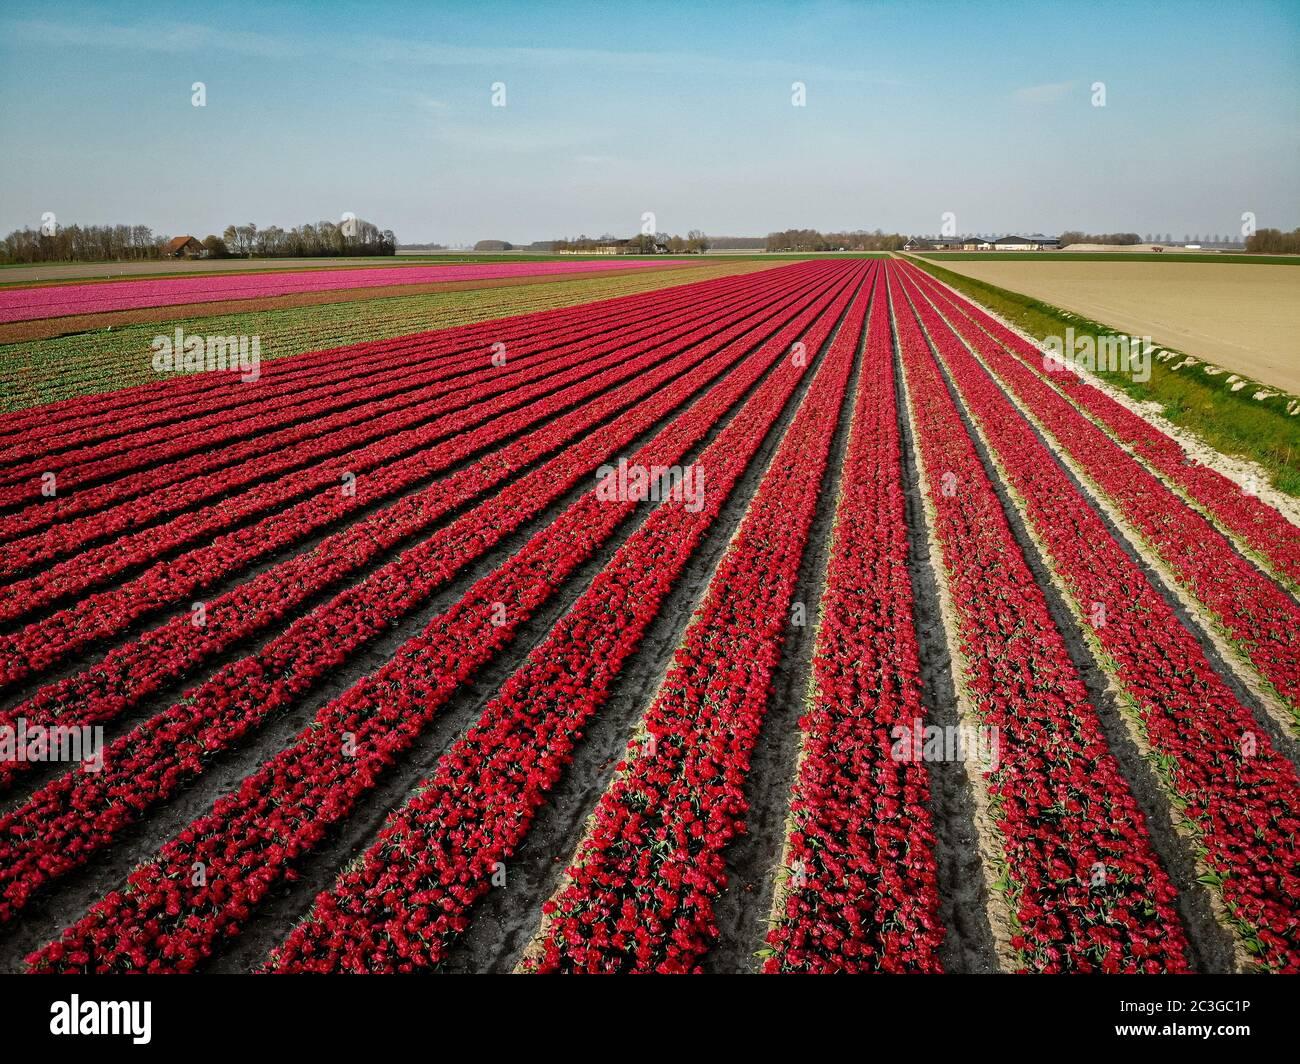 Drone vue aérienne sur les champs de tulipes à Noordoosstpolder Pays-Bas Banque D'Images